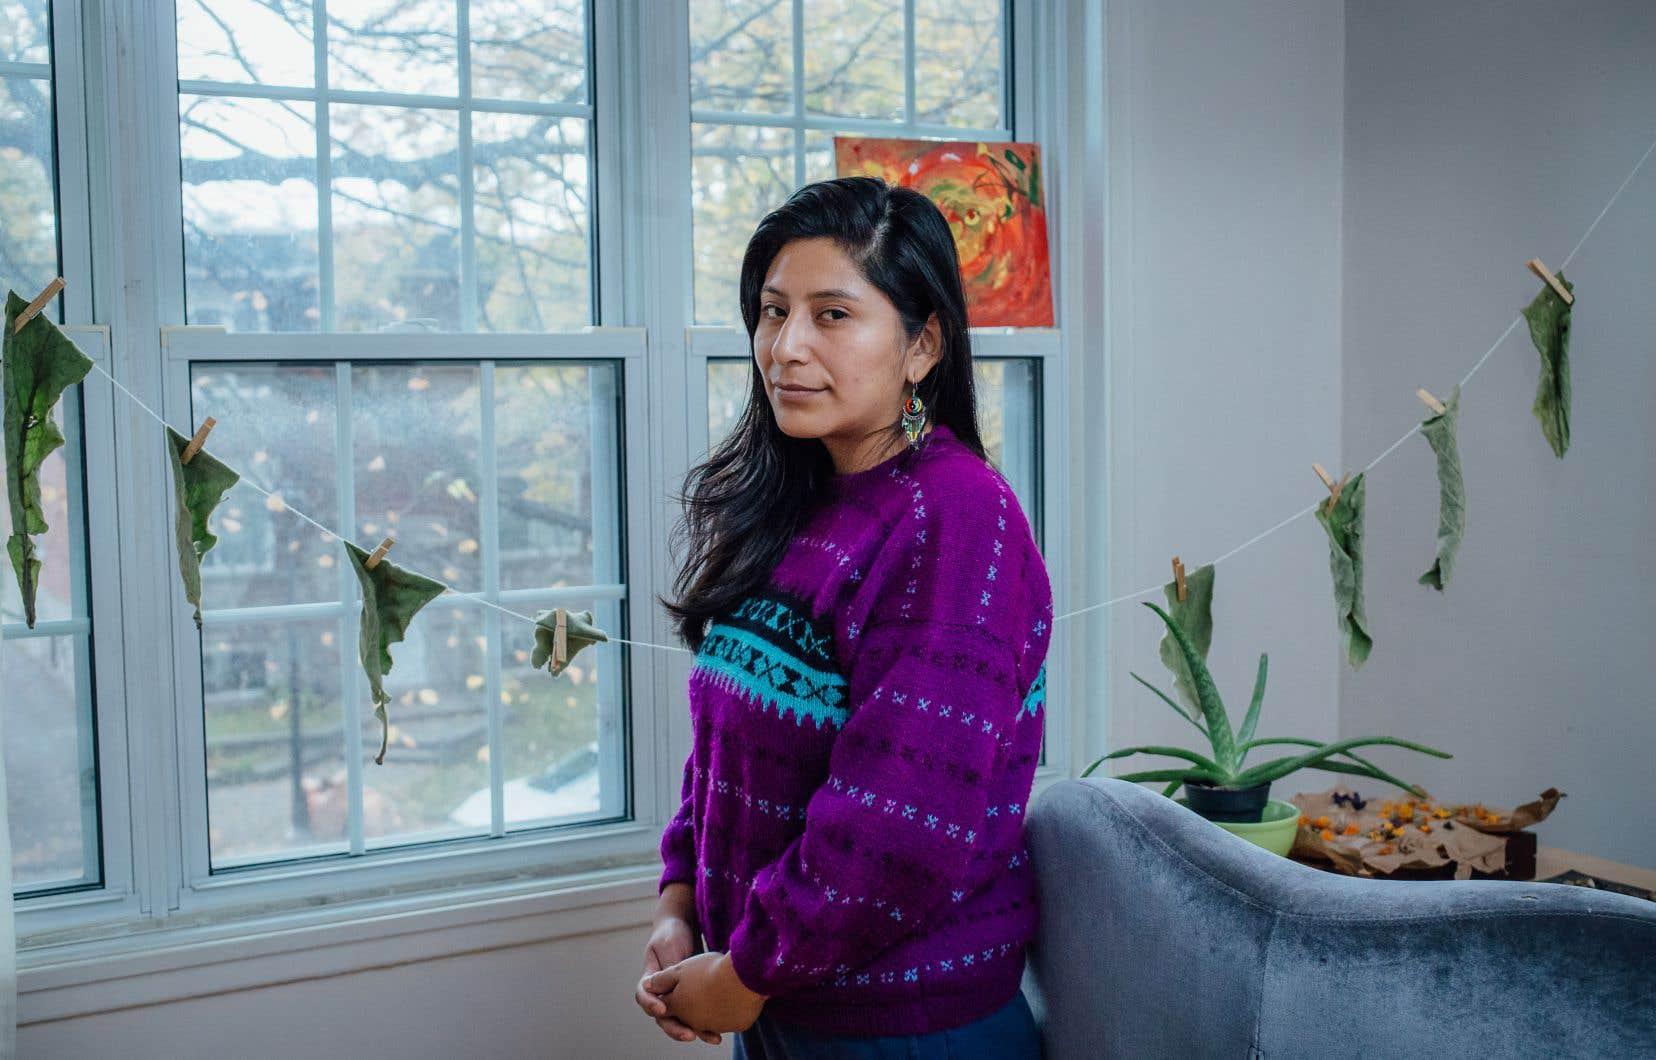 «Quand les gens me rencontrent pour la première fois, ils assument à tort que l'espagnol est ma langue maternelle», dit Silvia (Wara) Huampu, jeune Bolivienne de 28ans d'origine mi-quechua mi-aymaras, étudiante en travail social à l'Université du Québec à Montréal.